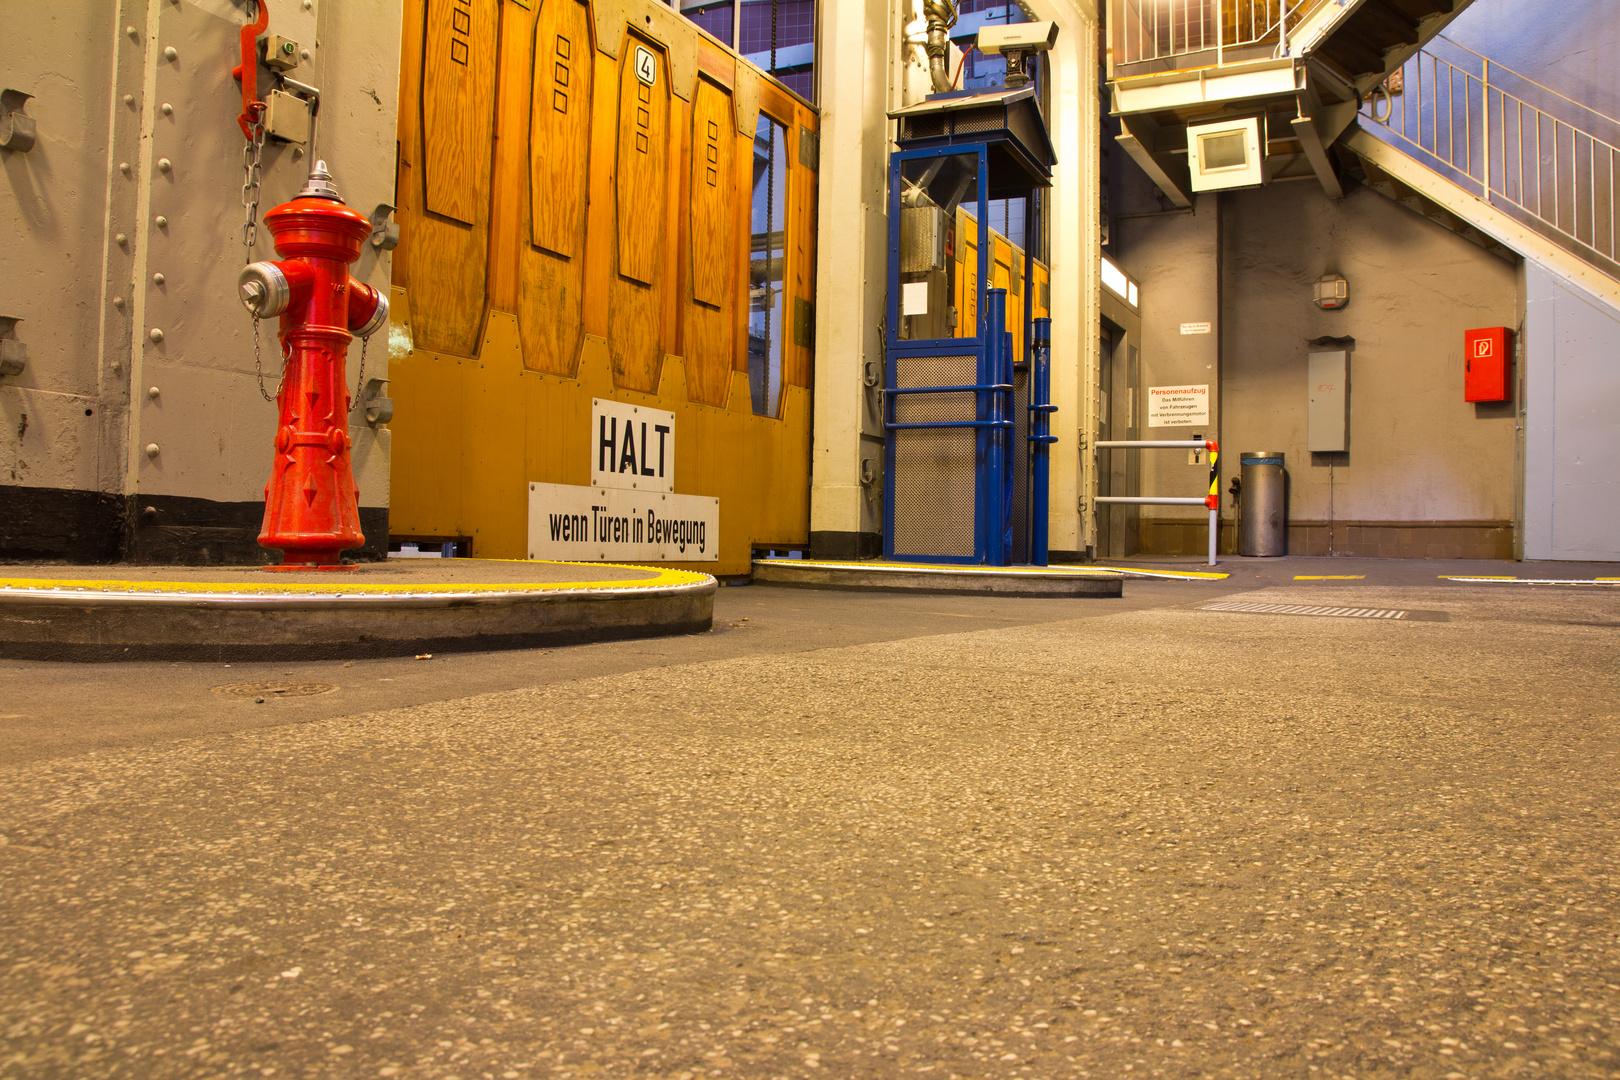 Alter Elbtunnel im Hamburger Hafen